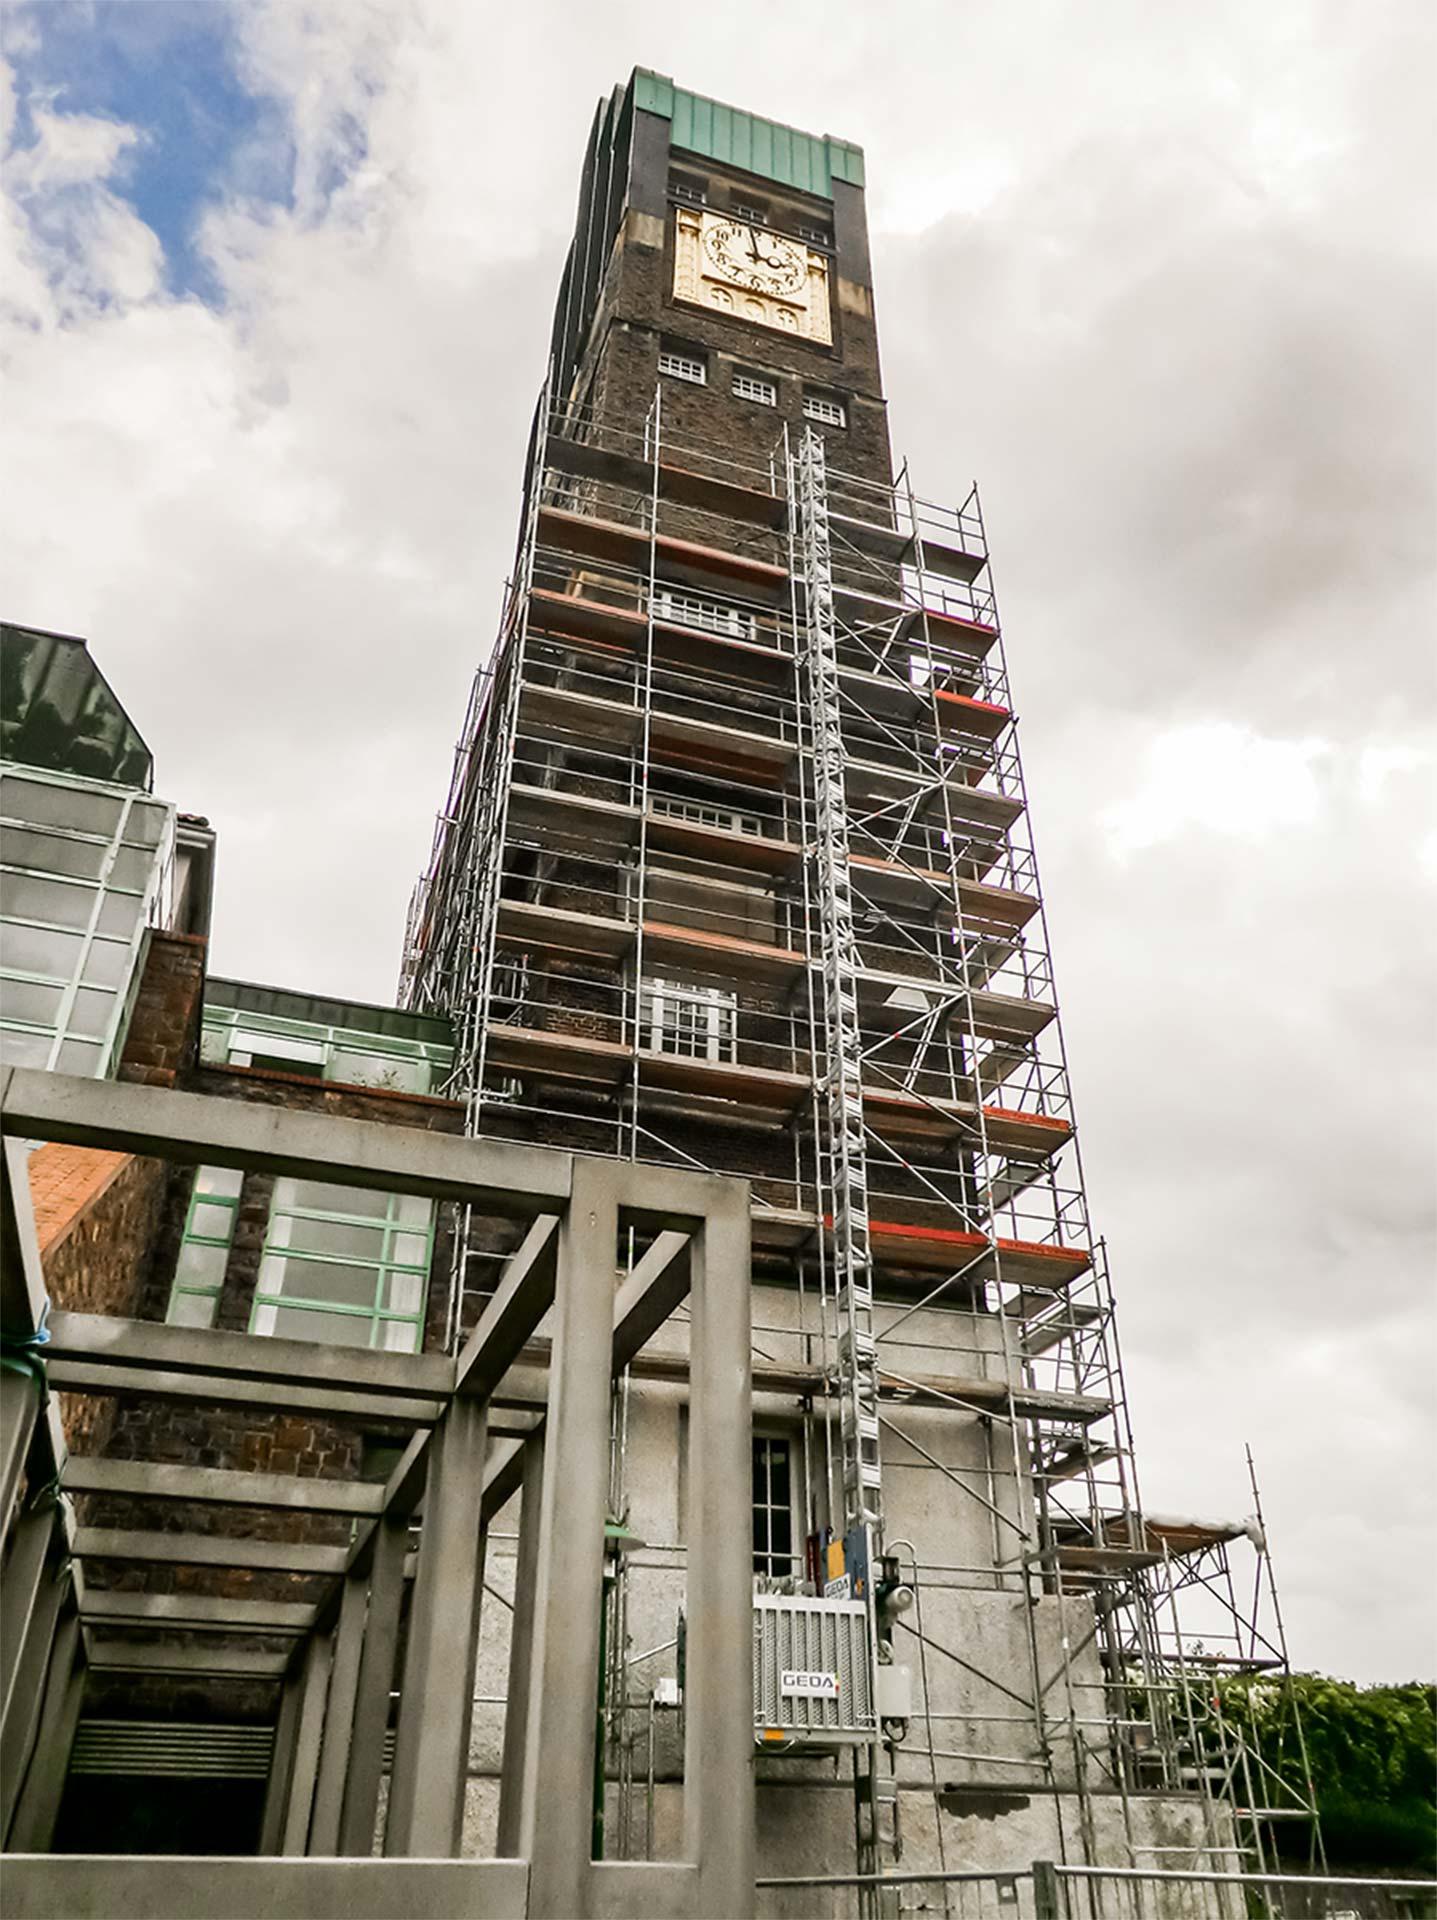 Bauaufzug zu Personen und Materialbeförderung Sanierung des Hochzeitsturmes in Darmstadt